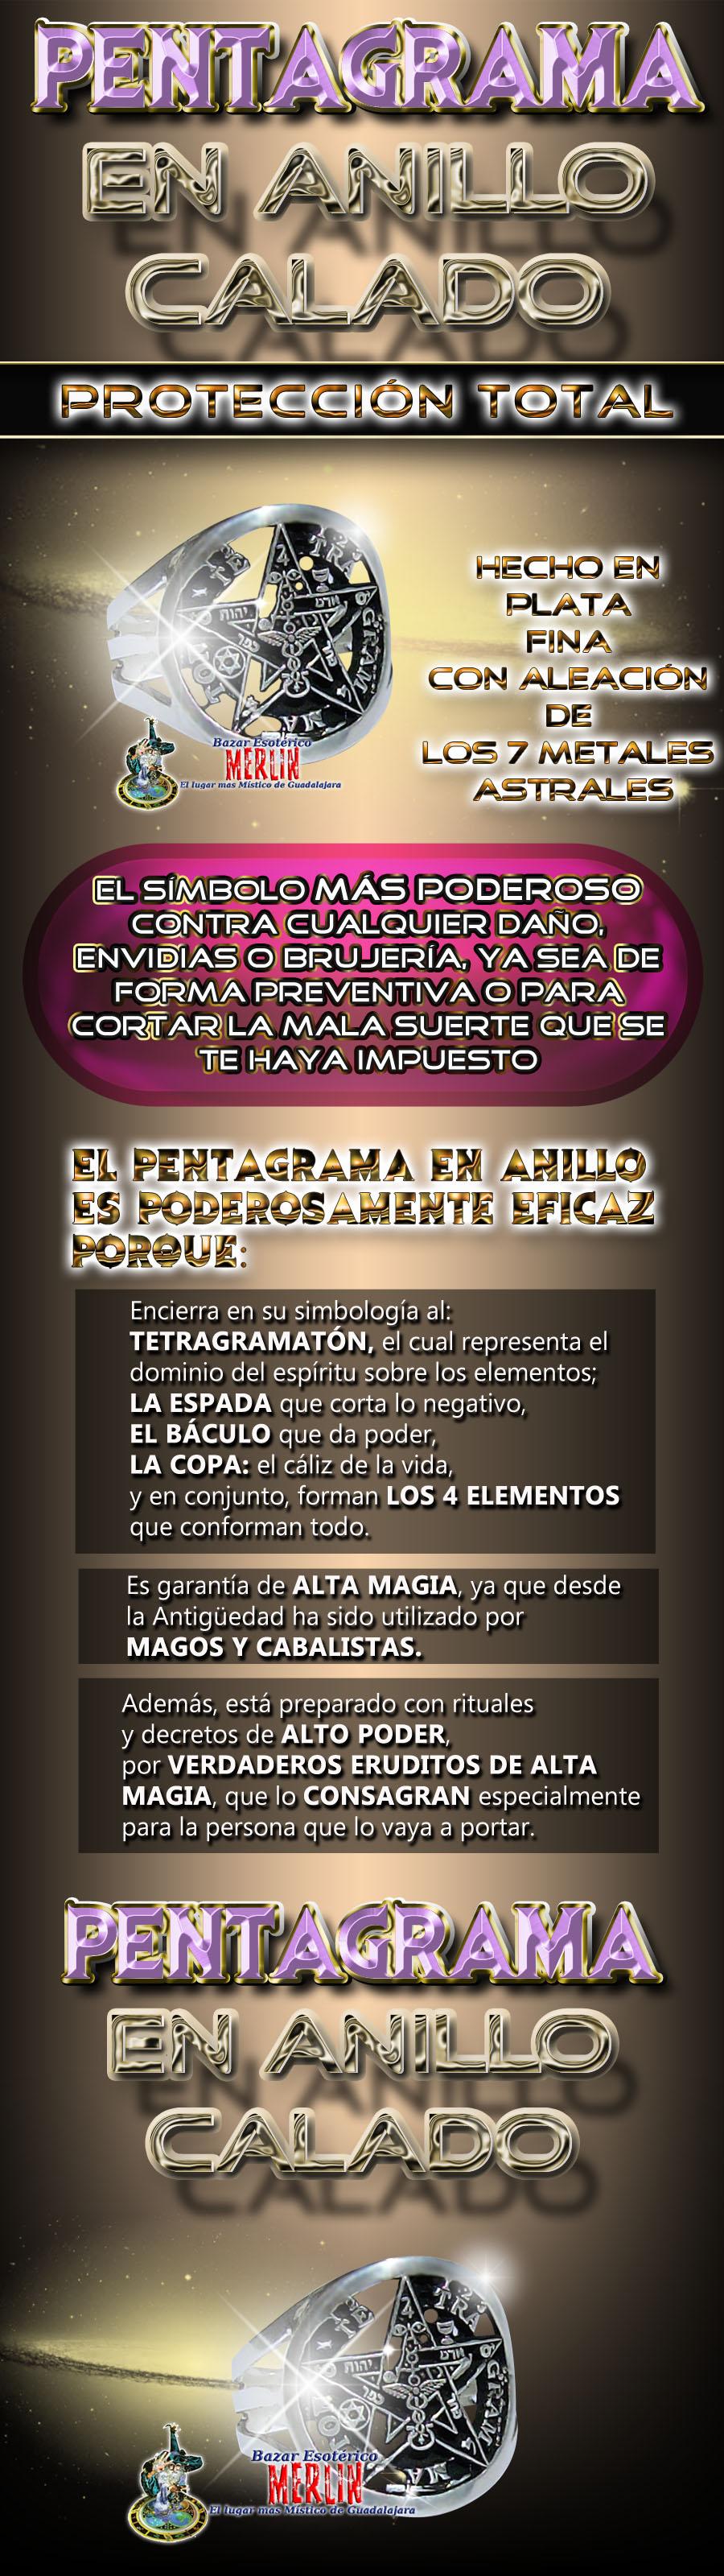 pentagrama_en_anillo_calado_plata_diseno